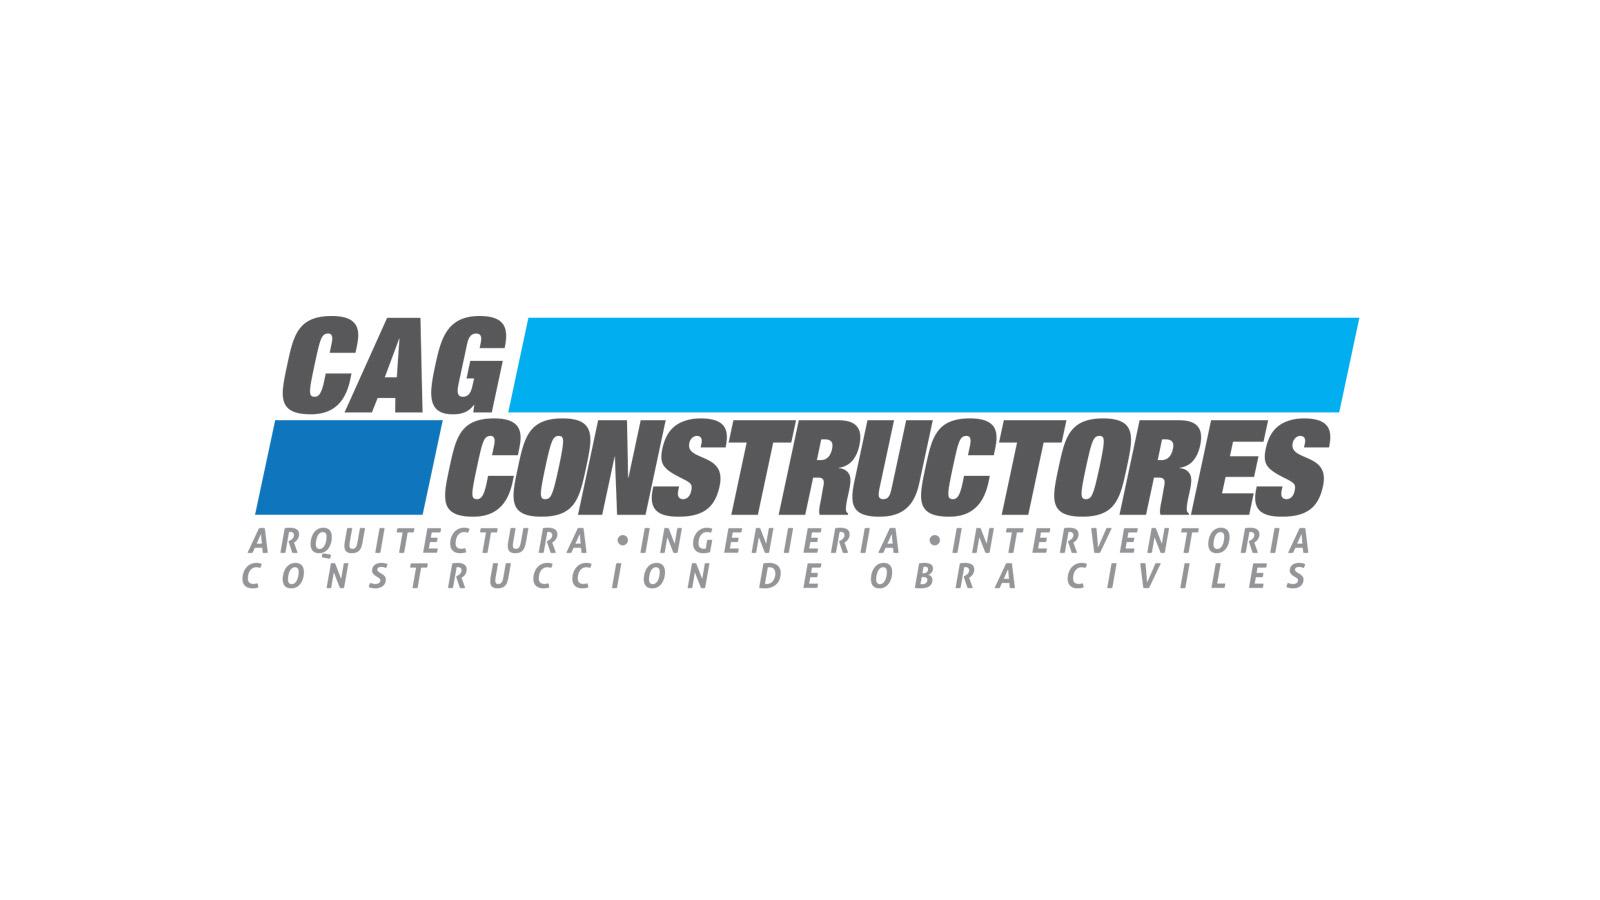 CAG Constructores logo design